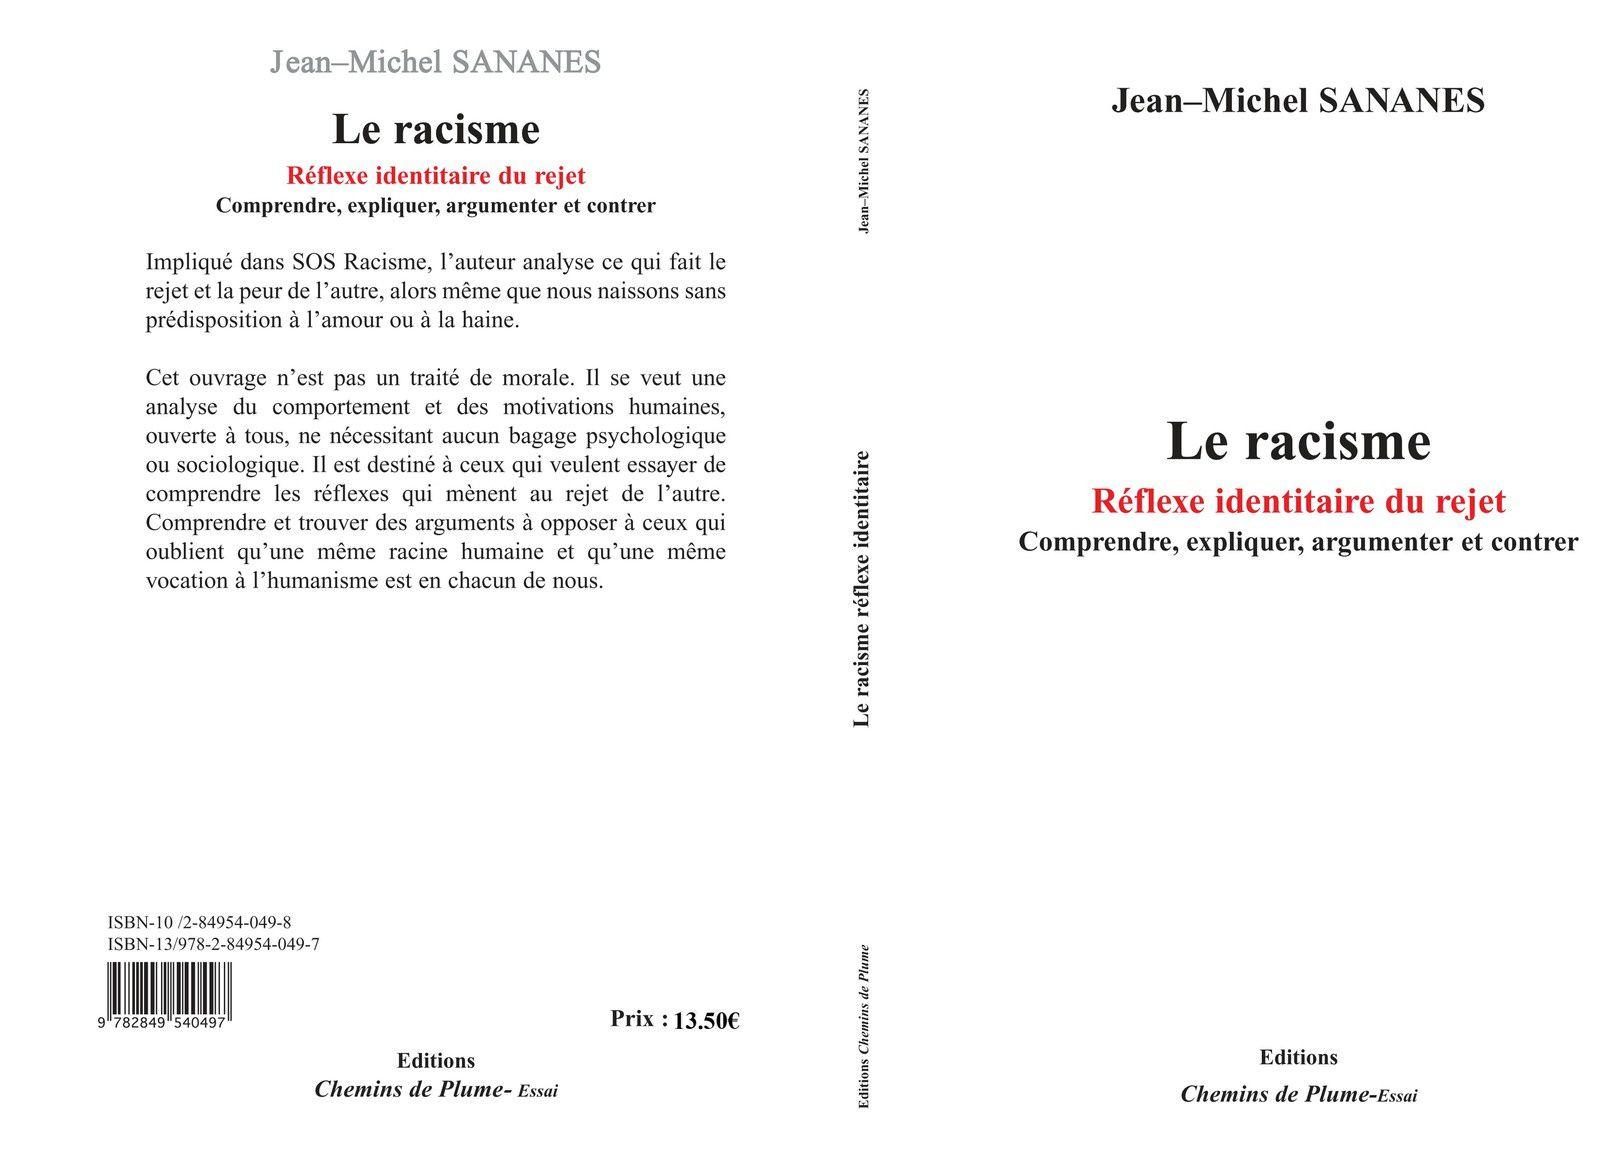 Le racisme - Jean-Michel Sananès